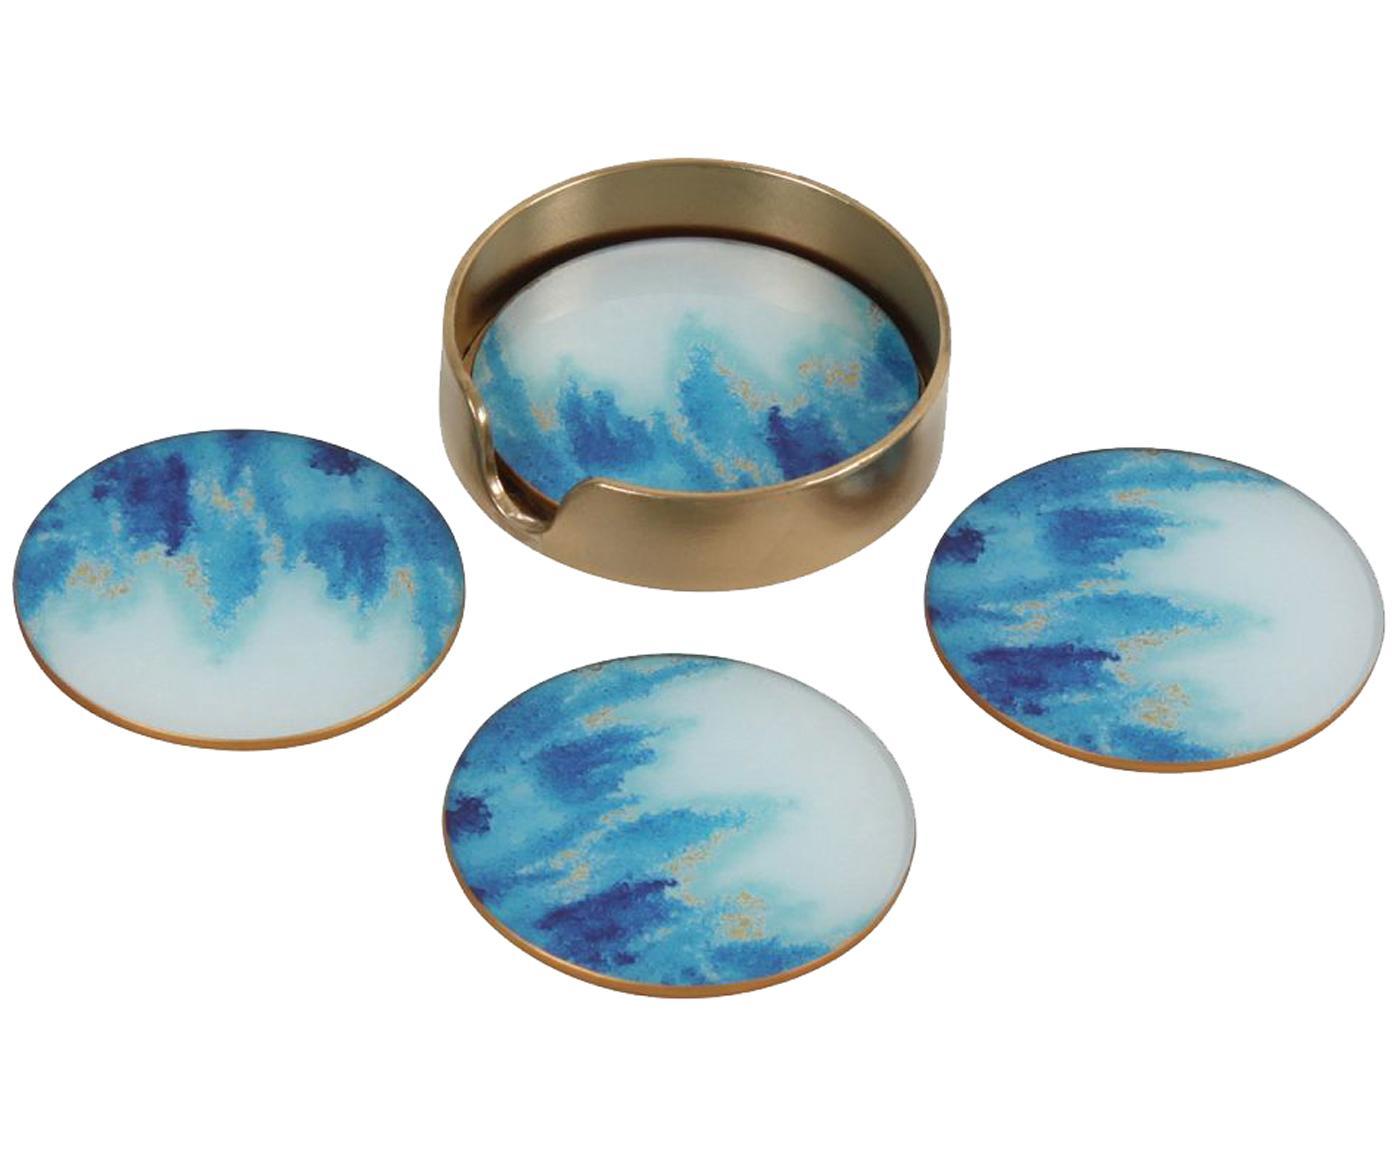 Onderzettersset Stardust, 5-delig, Glas, kurk, Blauw, wit, Ø 11 cm